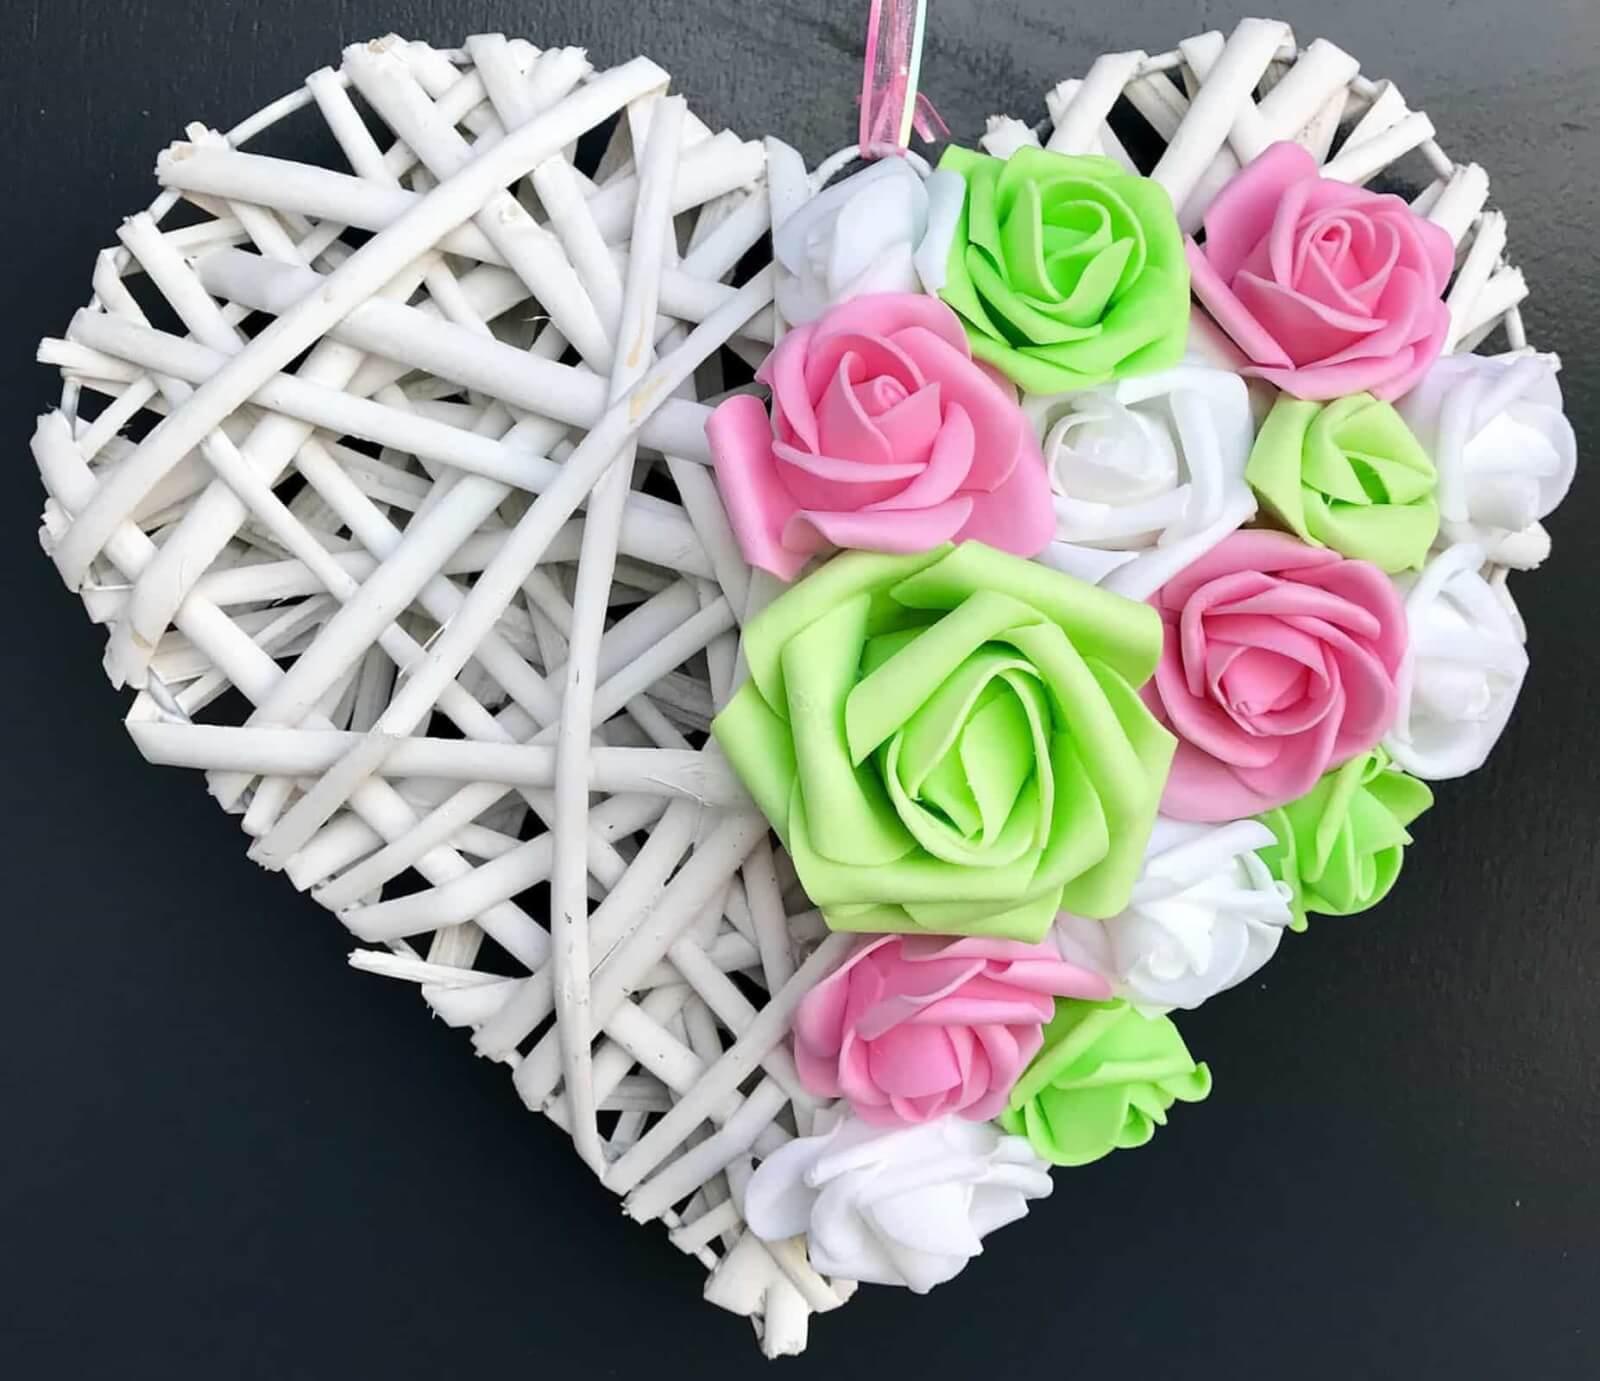 Srdce Rosa